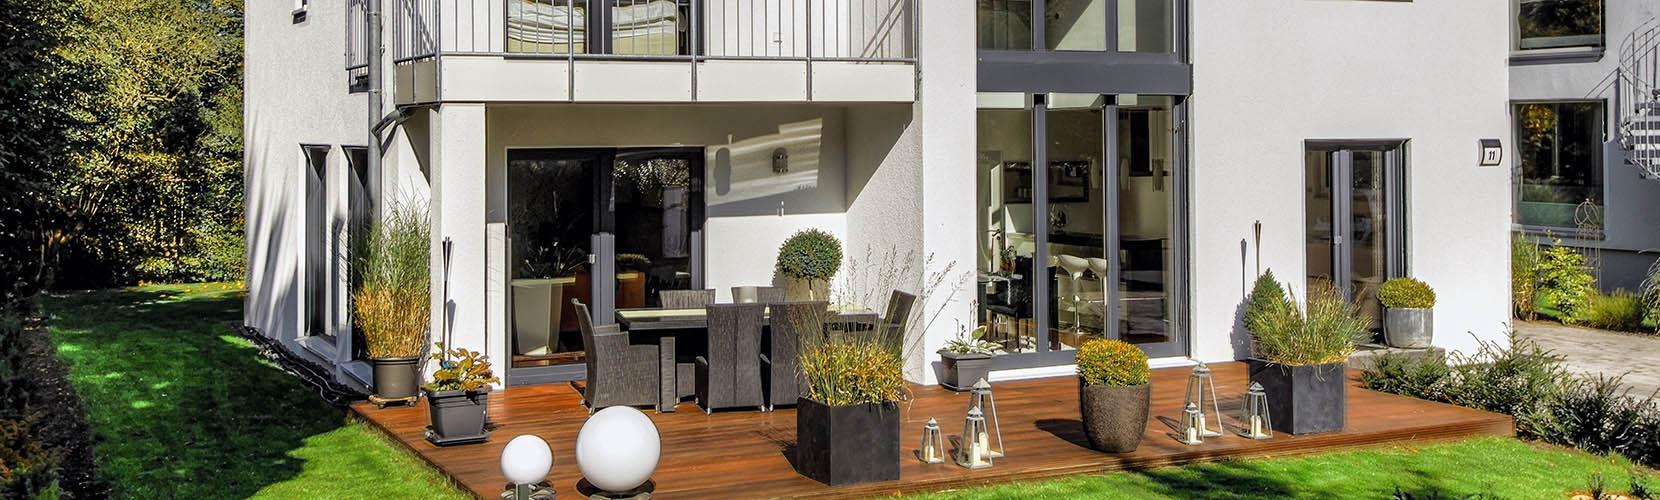 Immobilien Hallabrin - Ihr Immobilienmakler im Bäderdreieck